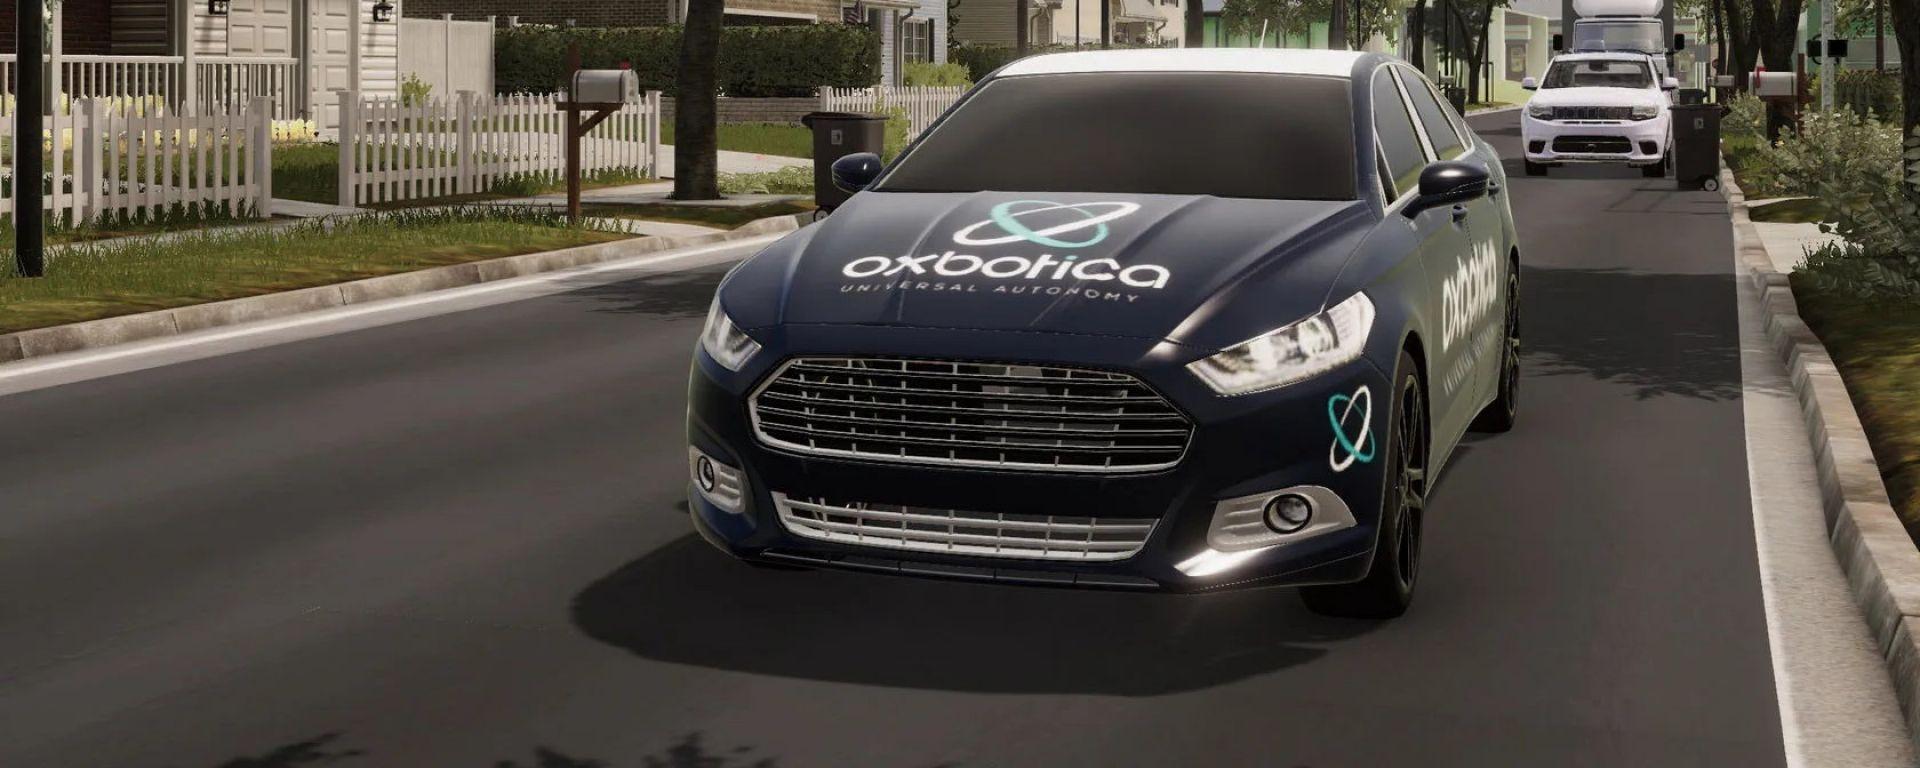 Oxbotica si occupa di guida autonoma ma ha formato un team fatto di sviluppatori di videogiochi per effettuare i test in realtà